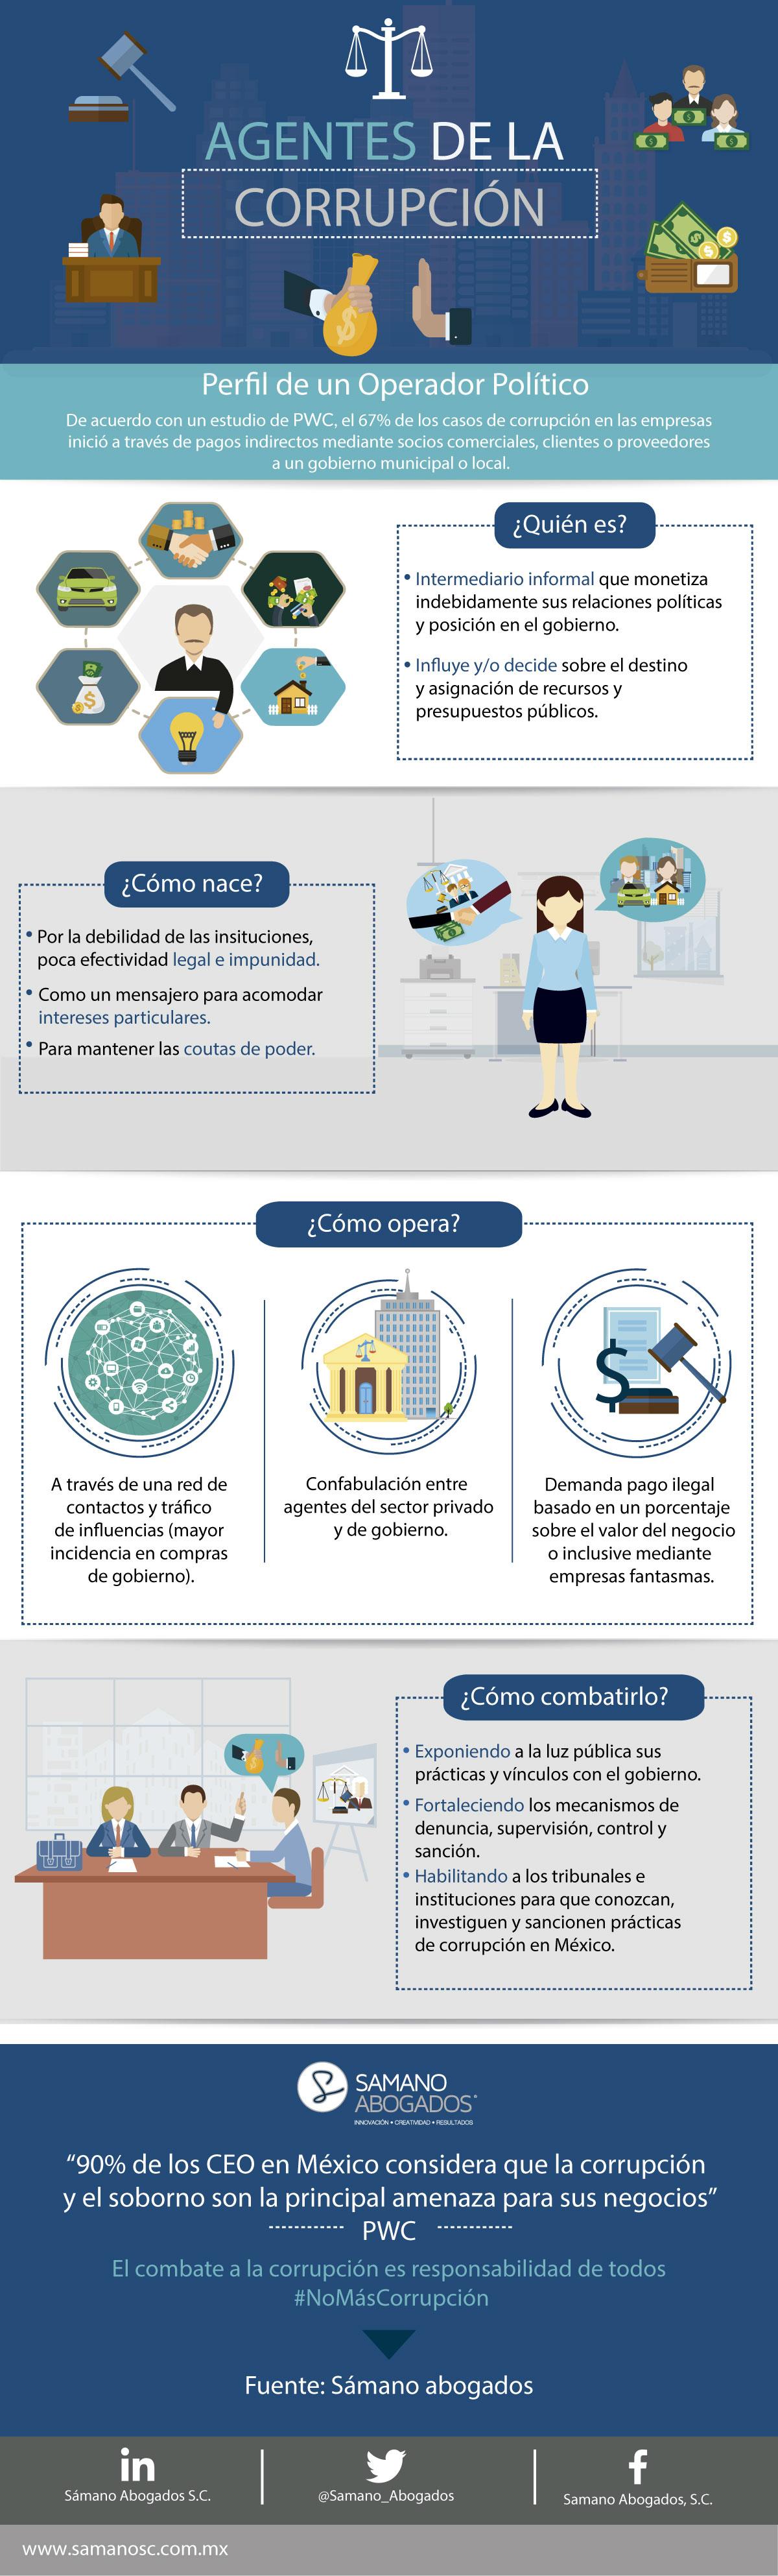 Infografía-agentes-de-la-corrupcion-VF